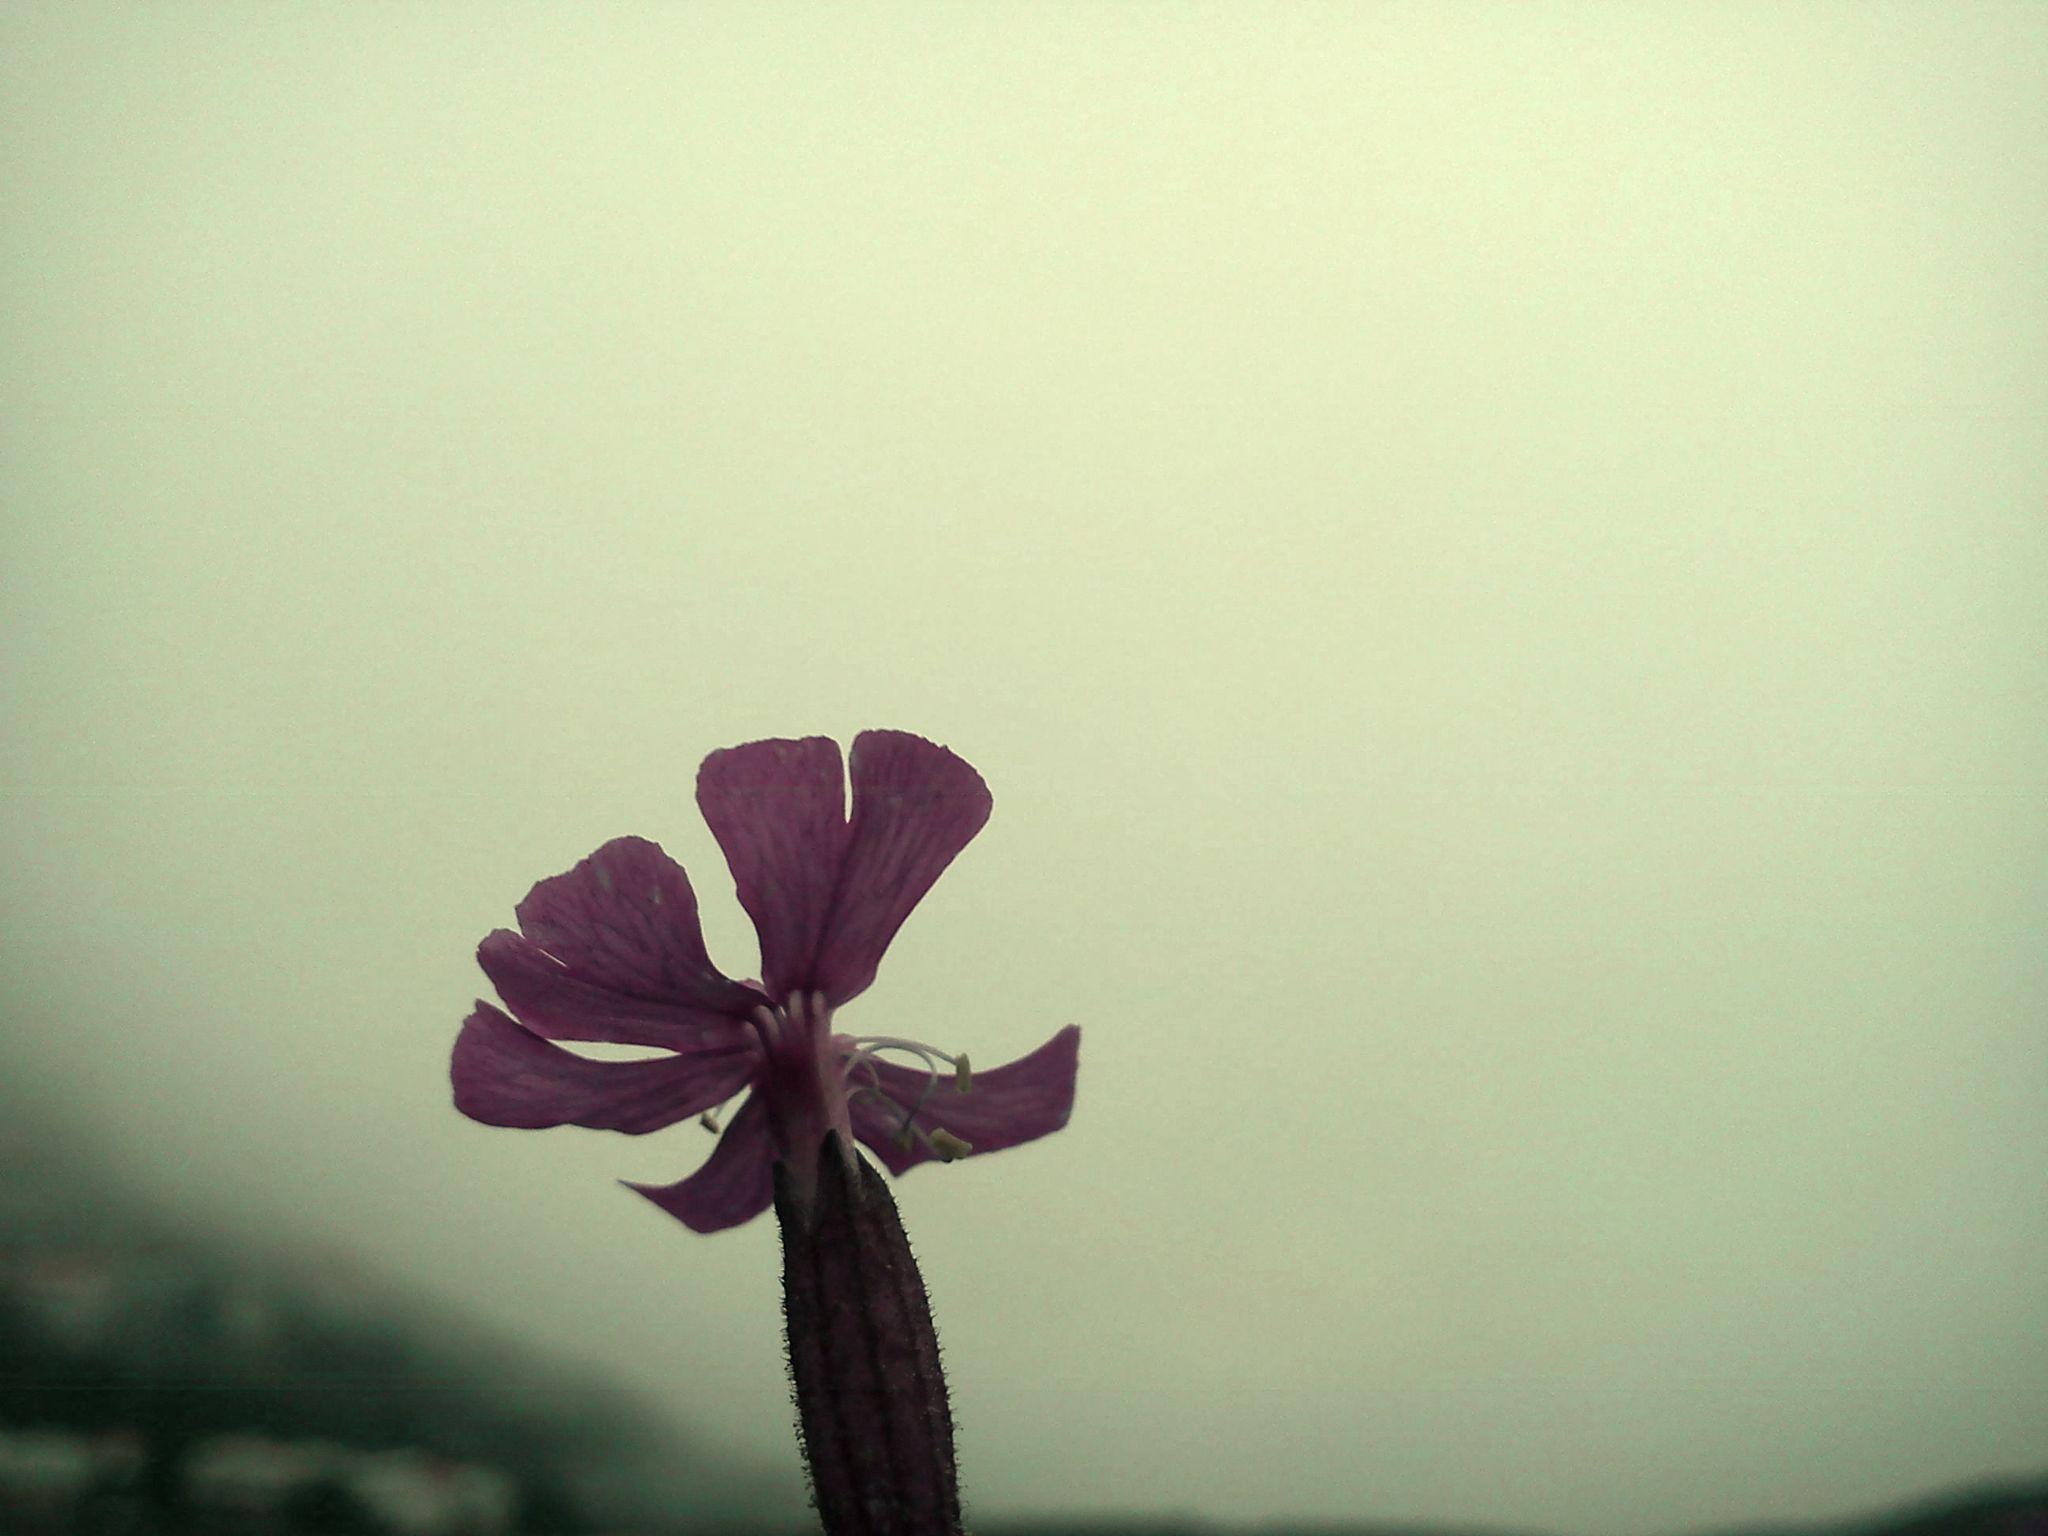 The Flower by Ali Amirifar